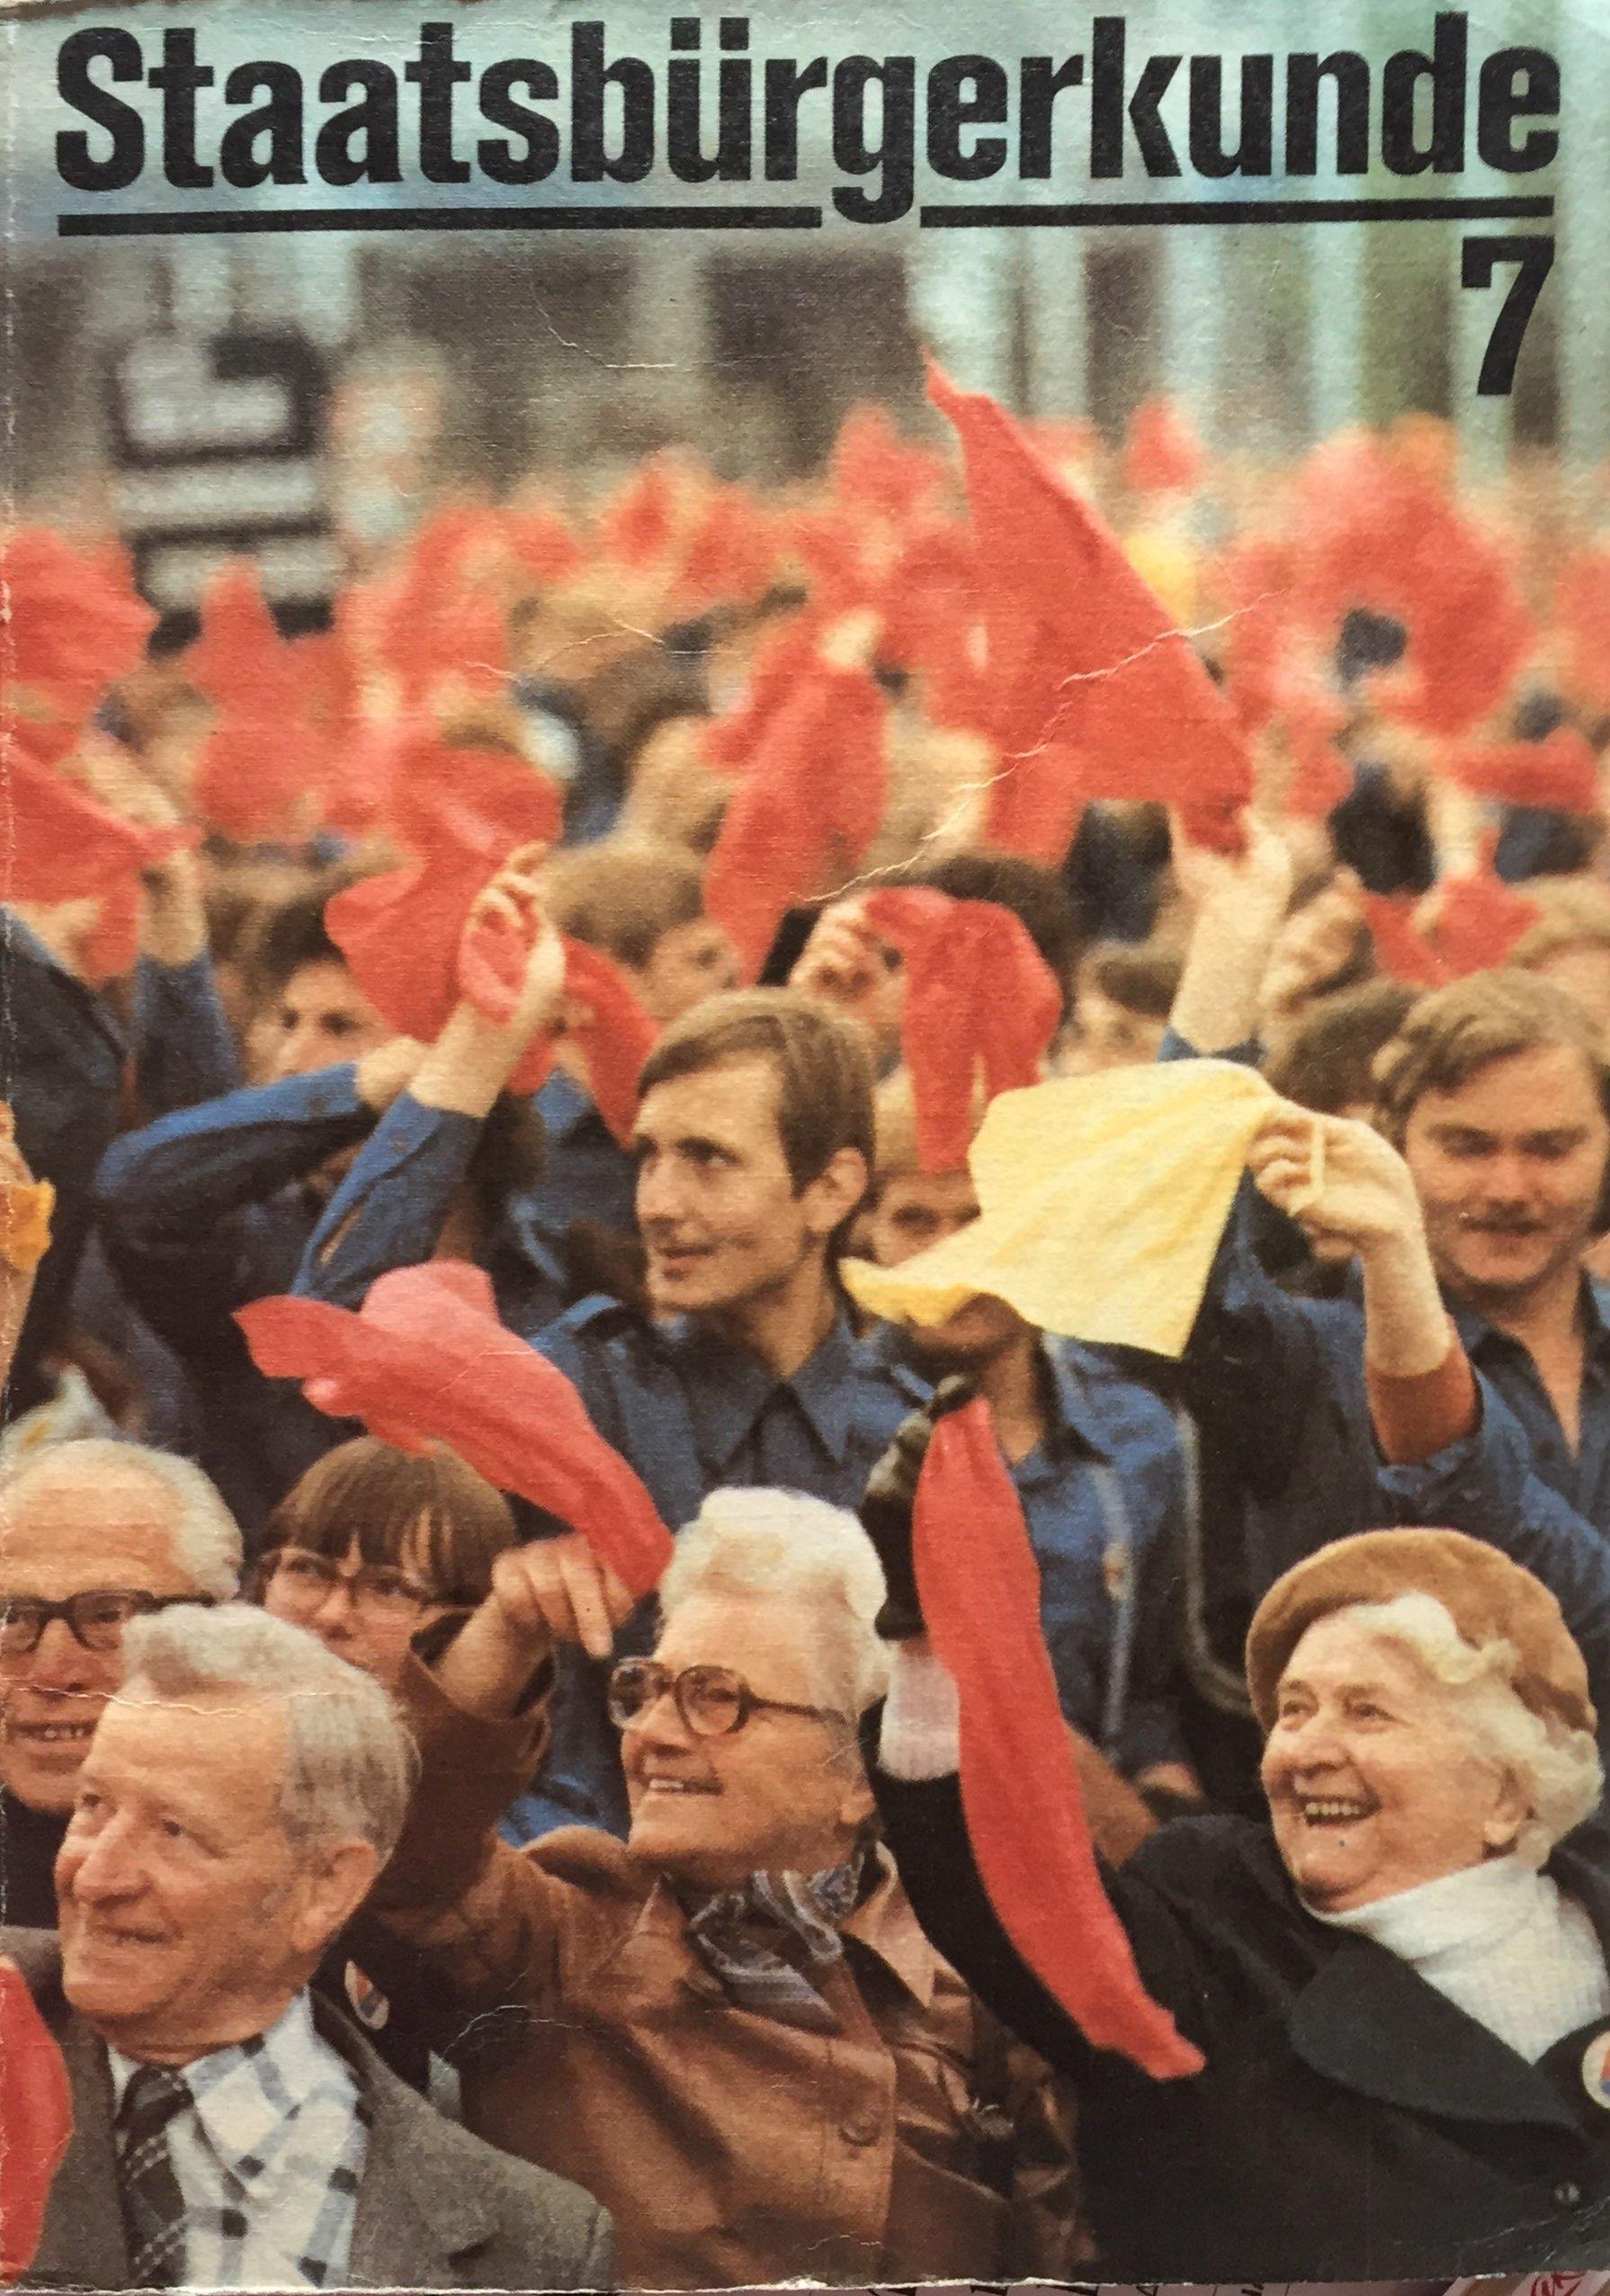 Soziale und kulturelle Errungenschaften in der DDR (Übersicht)